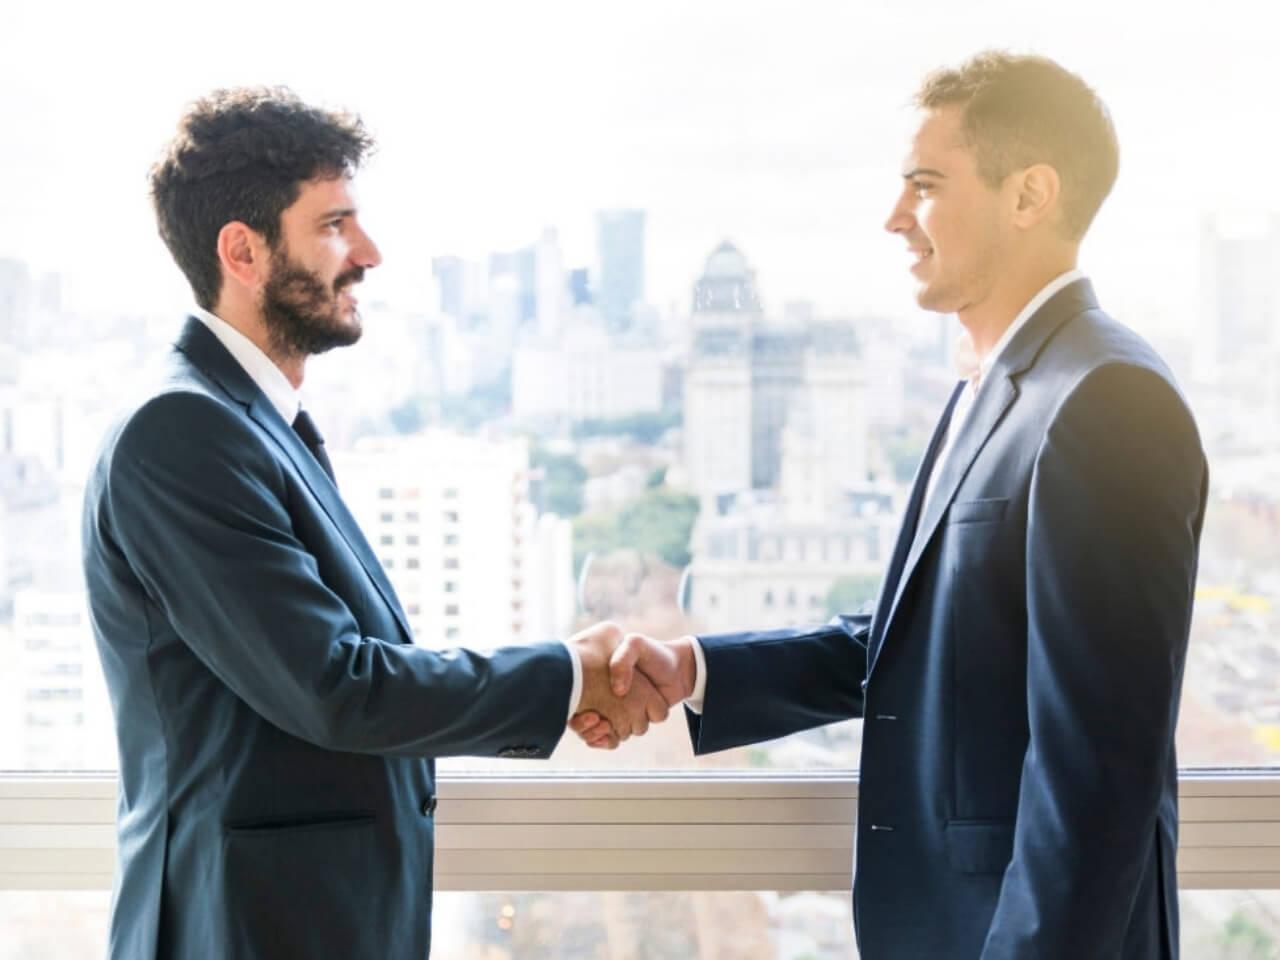 同じ目線で握手をする男性二人